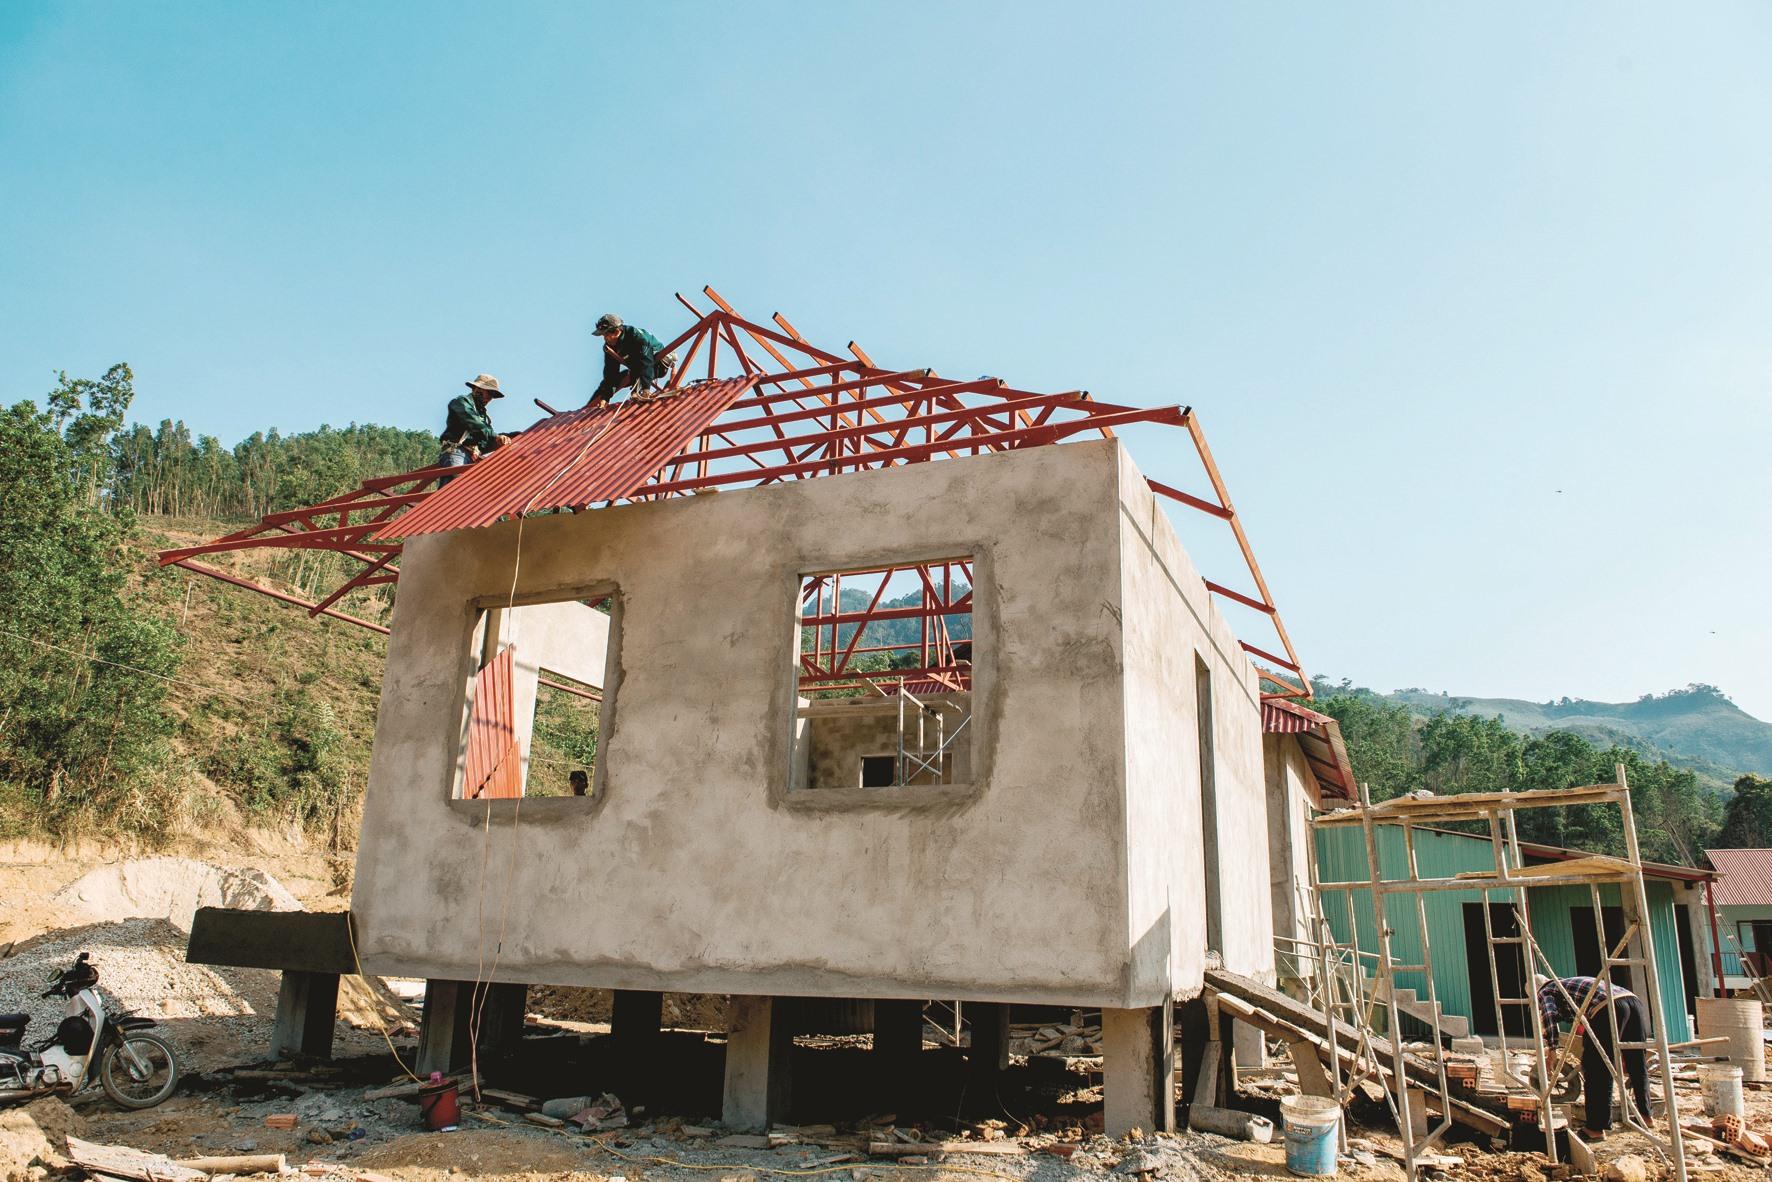 Ông Phan Quốc Cường - Chủ tịch UBND xã Trà Leng cho hay, khu vực này được phân 80 lô đất, mỗi lô có diện tích 200m2. Mỗi ngày có hơn 200 công nhân xây dựng để bà con sớm có nhà mới, ổn định cuộc sống.